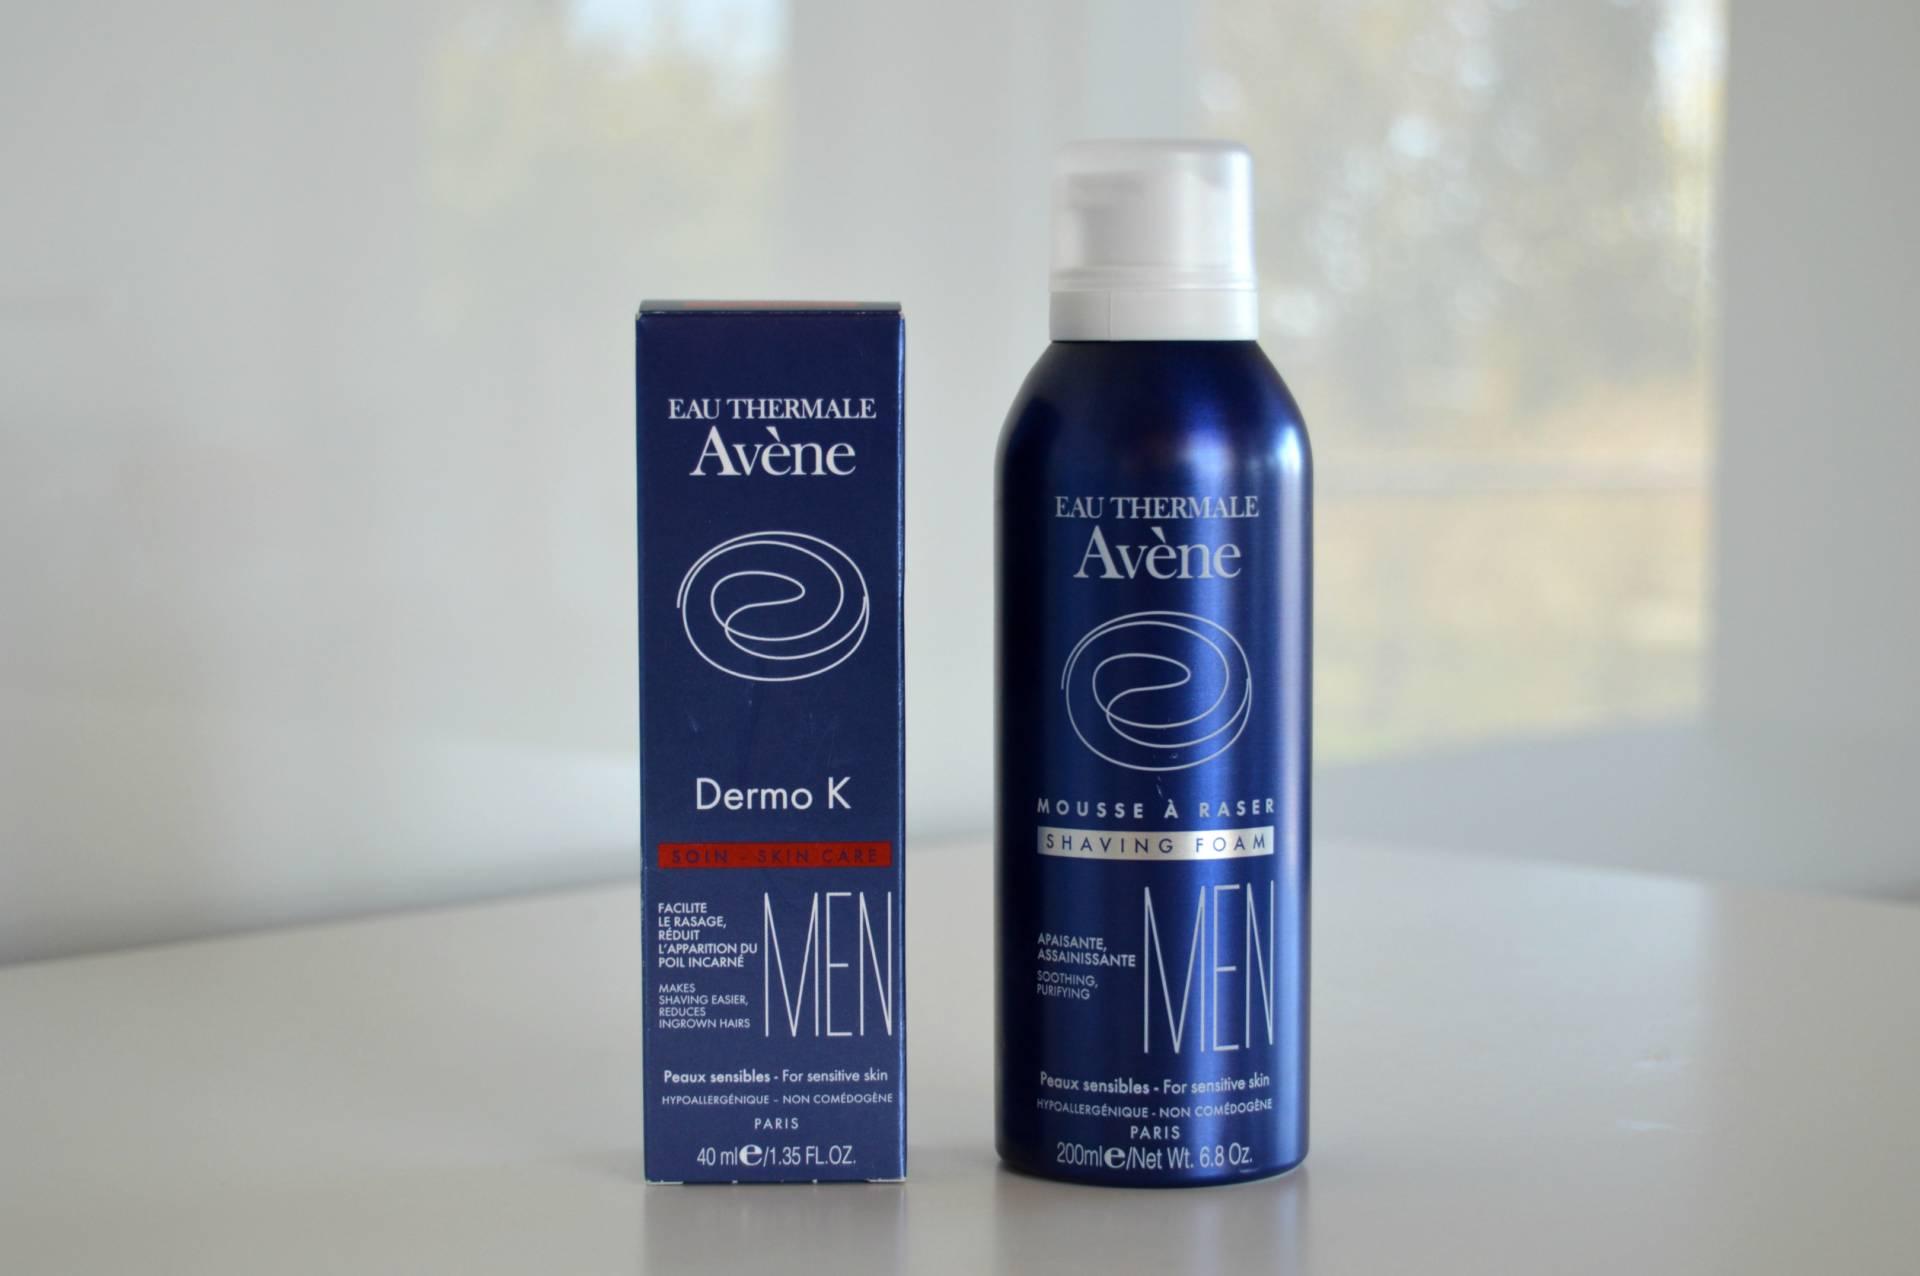 avene-men-dermo-k-shaving-foam-paris-french-pharmacy-review-inhautepursuit